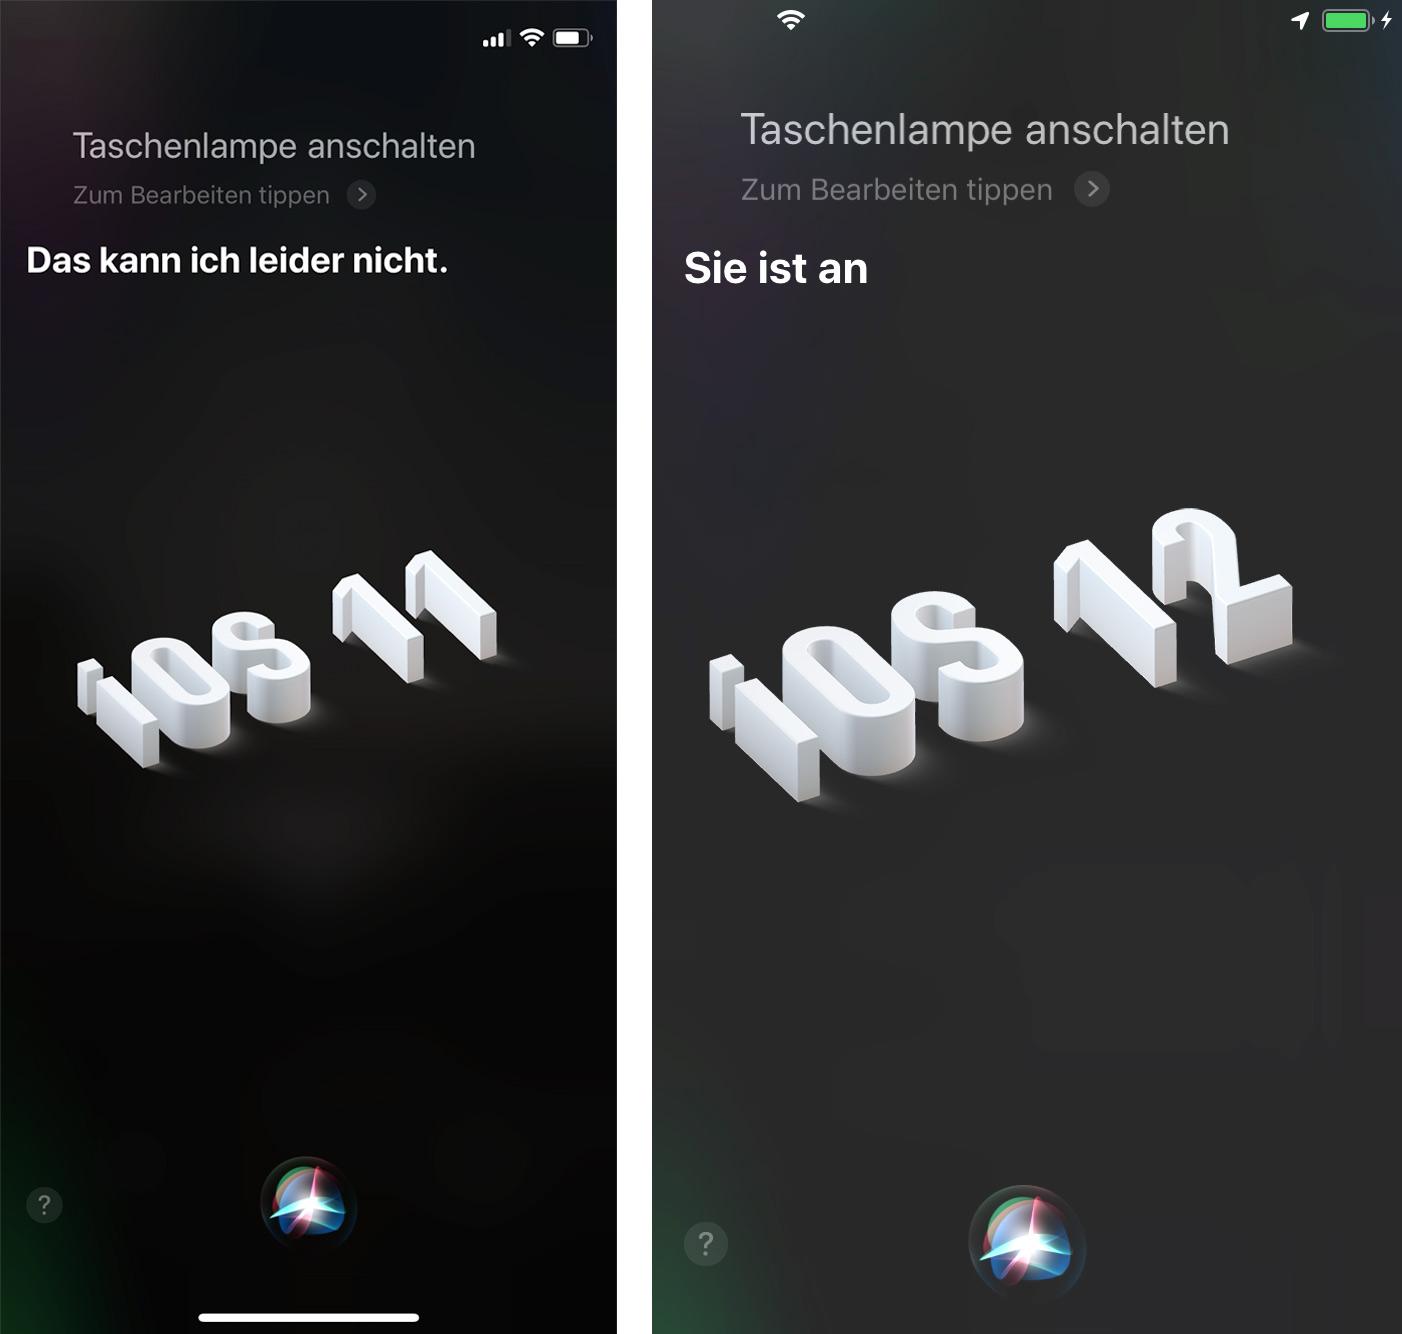 Neu In Ios 12 Siri Schaltet Die Taschenlampe Ein Iphone Tickerde